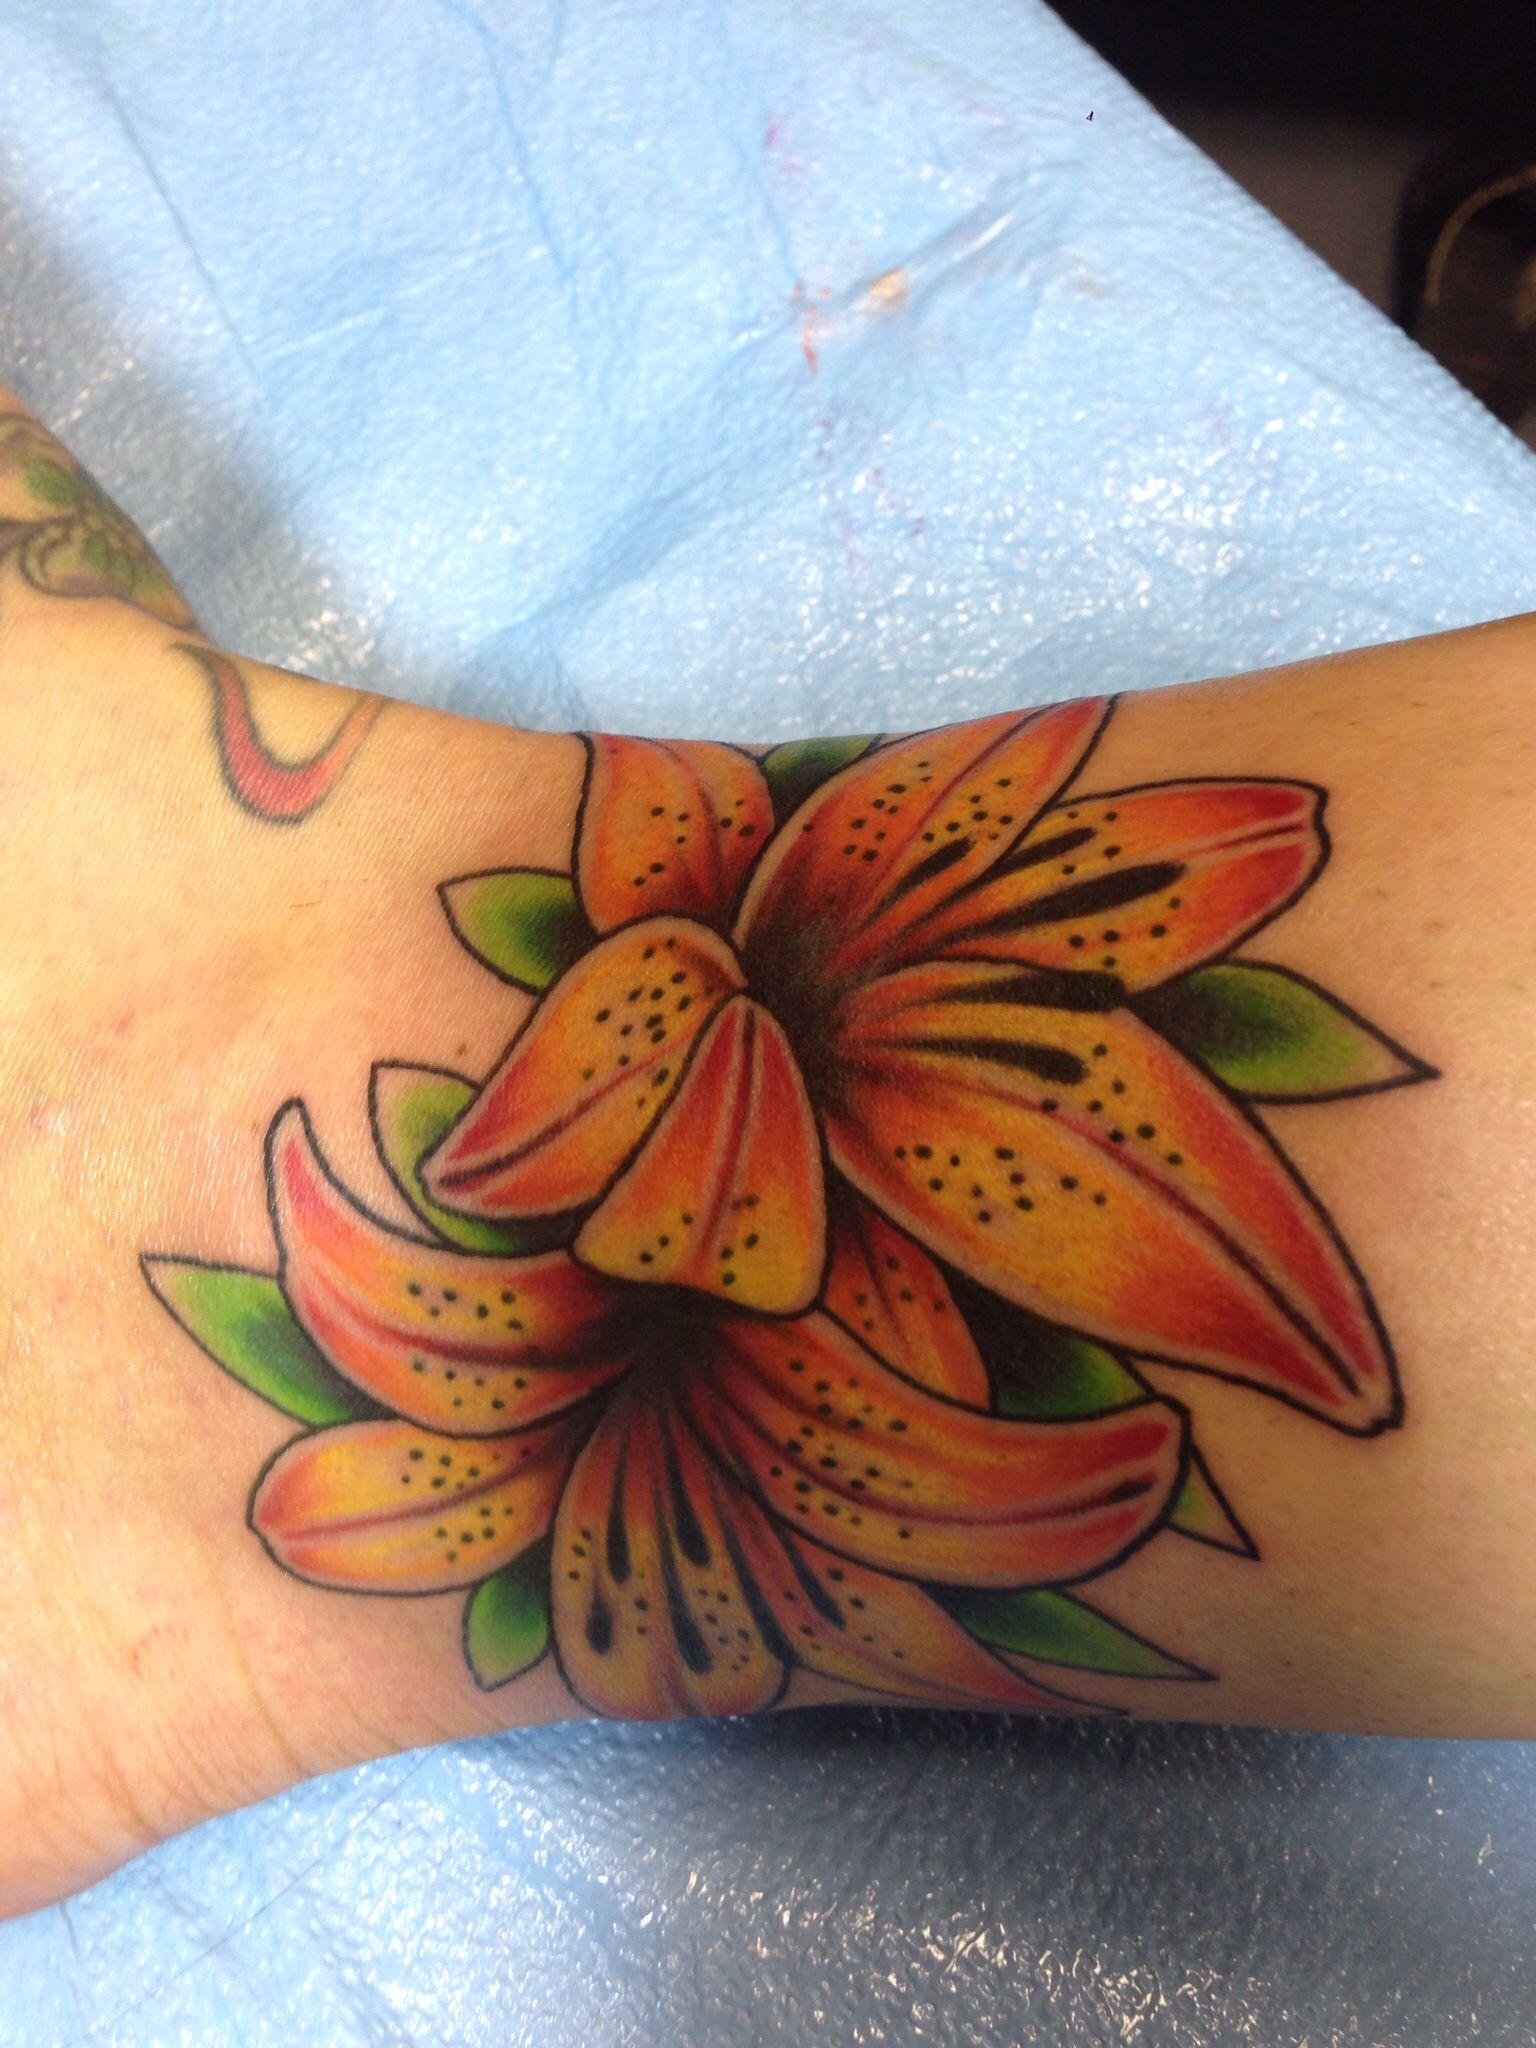 Tiger lily tattoo tattoos Pinterest